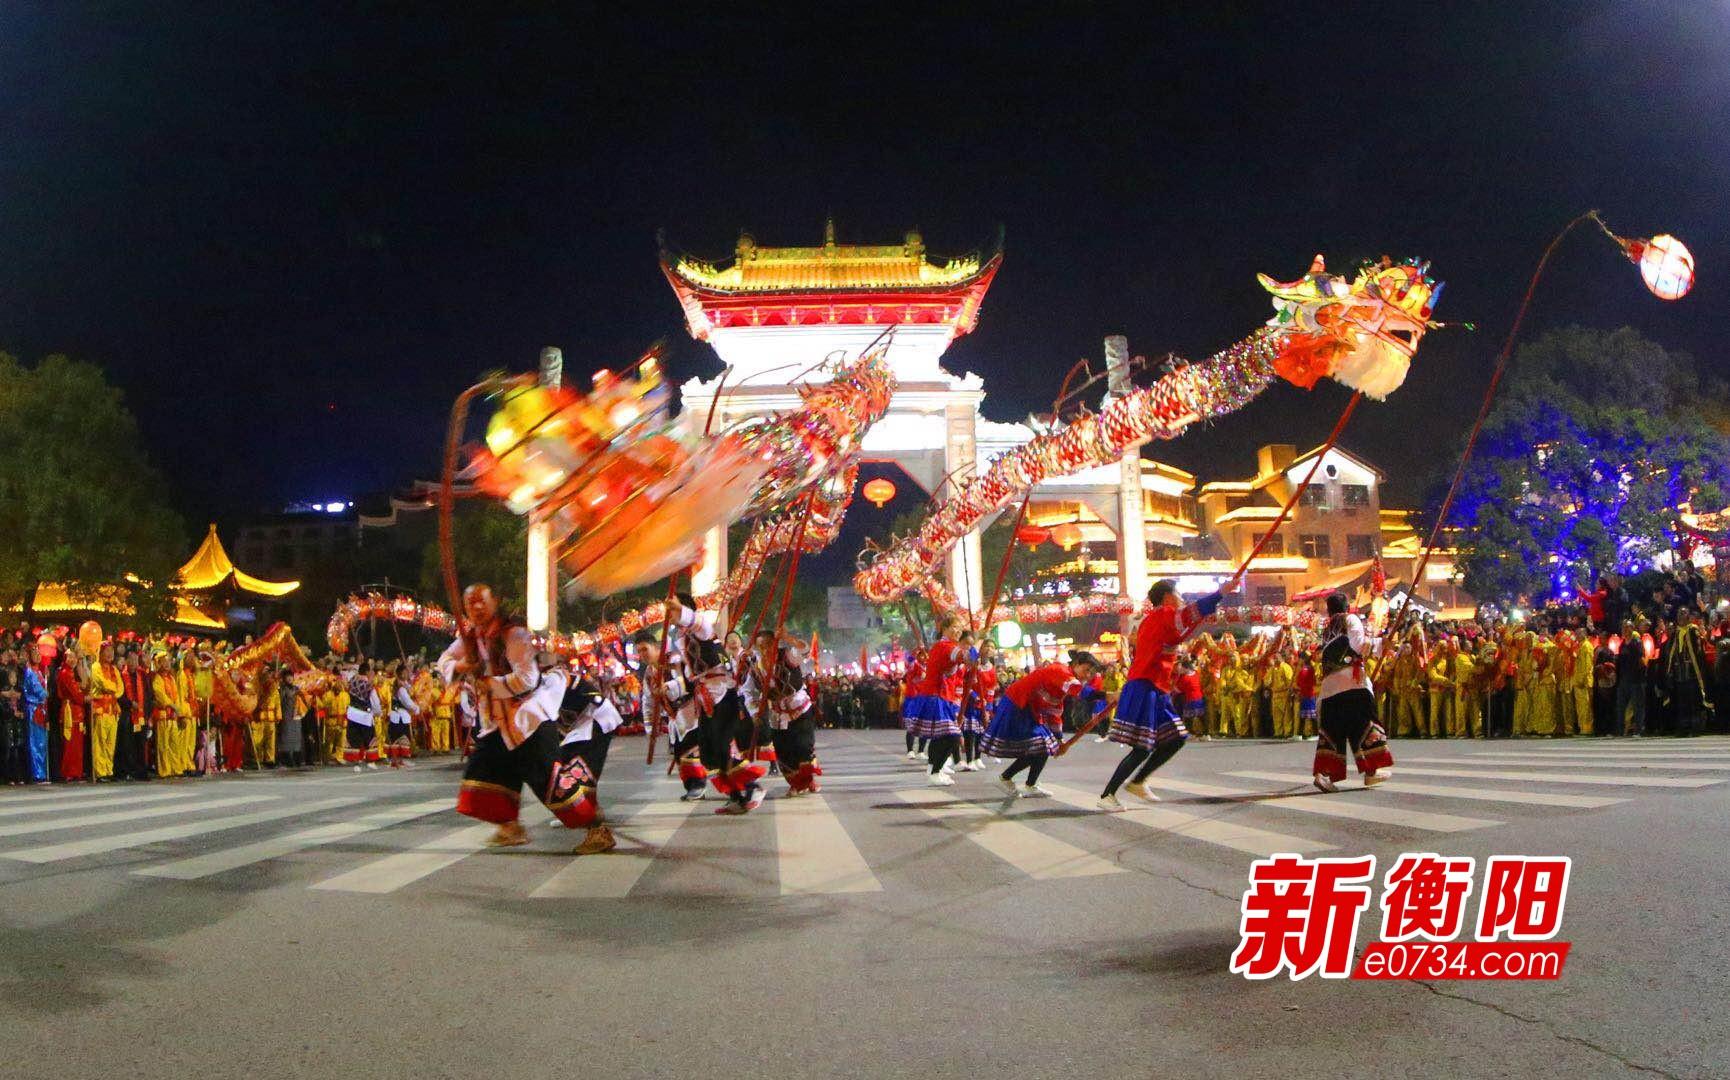 火舞龙狮・福临南岳2018年南岳春节庙会活动综述